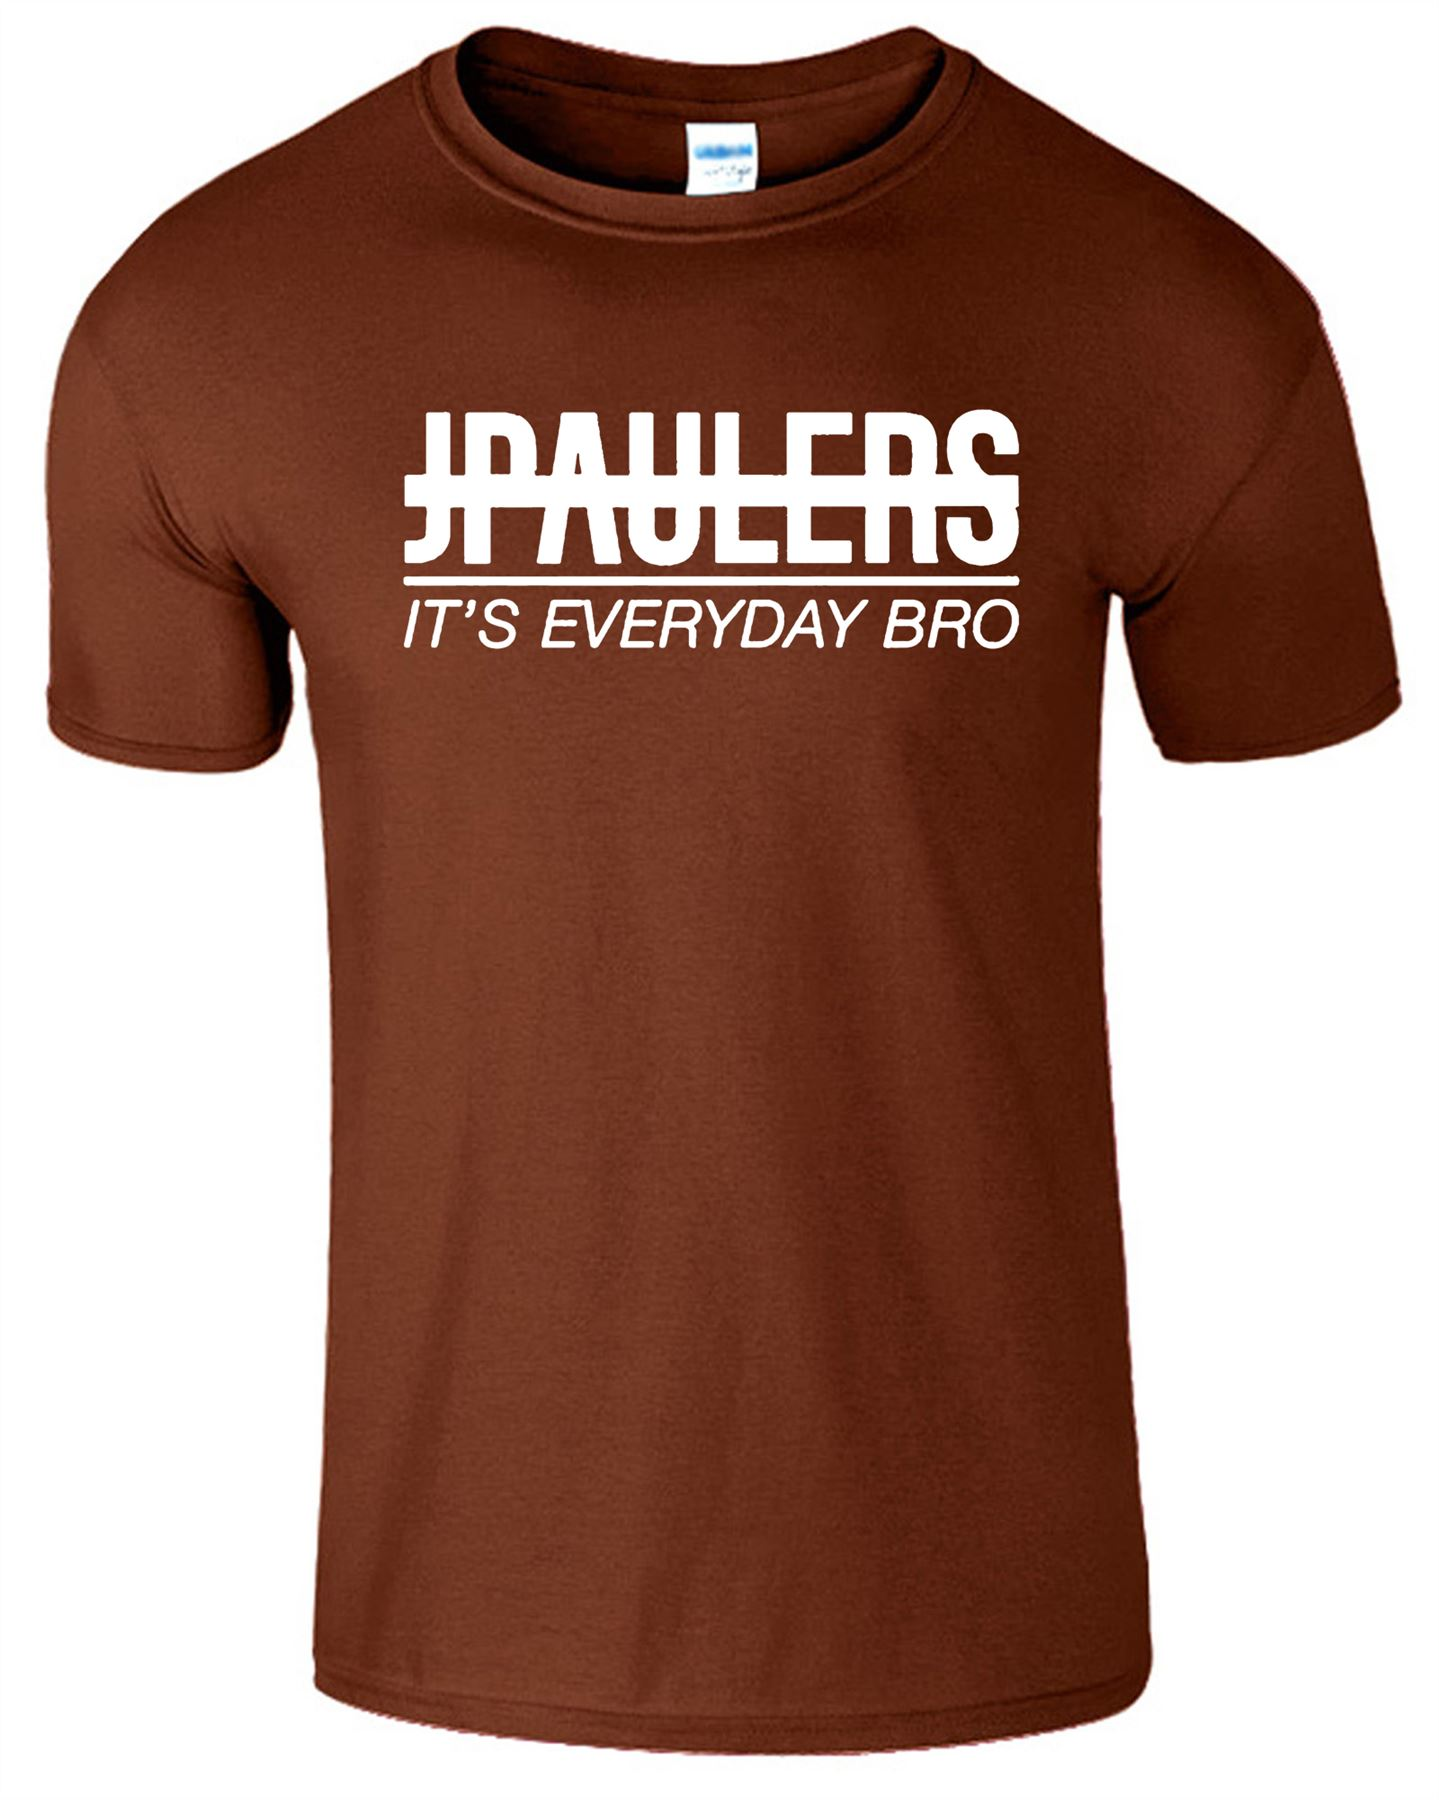 Jp Kids T Shirt Jpaulers Its Bro Inspired Youtuber Childrens Birthday Gift Tee